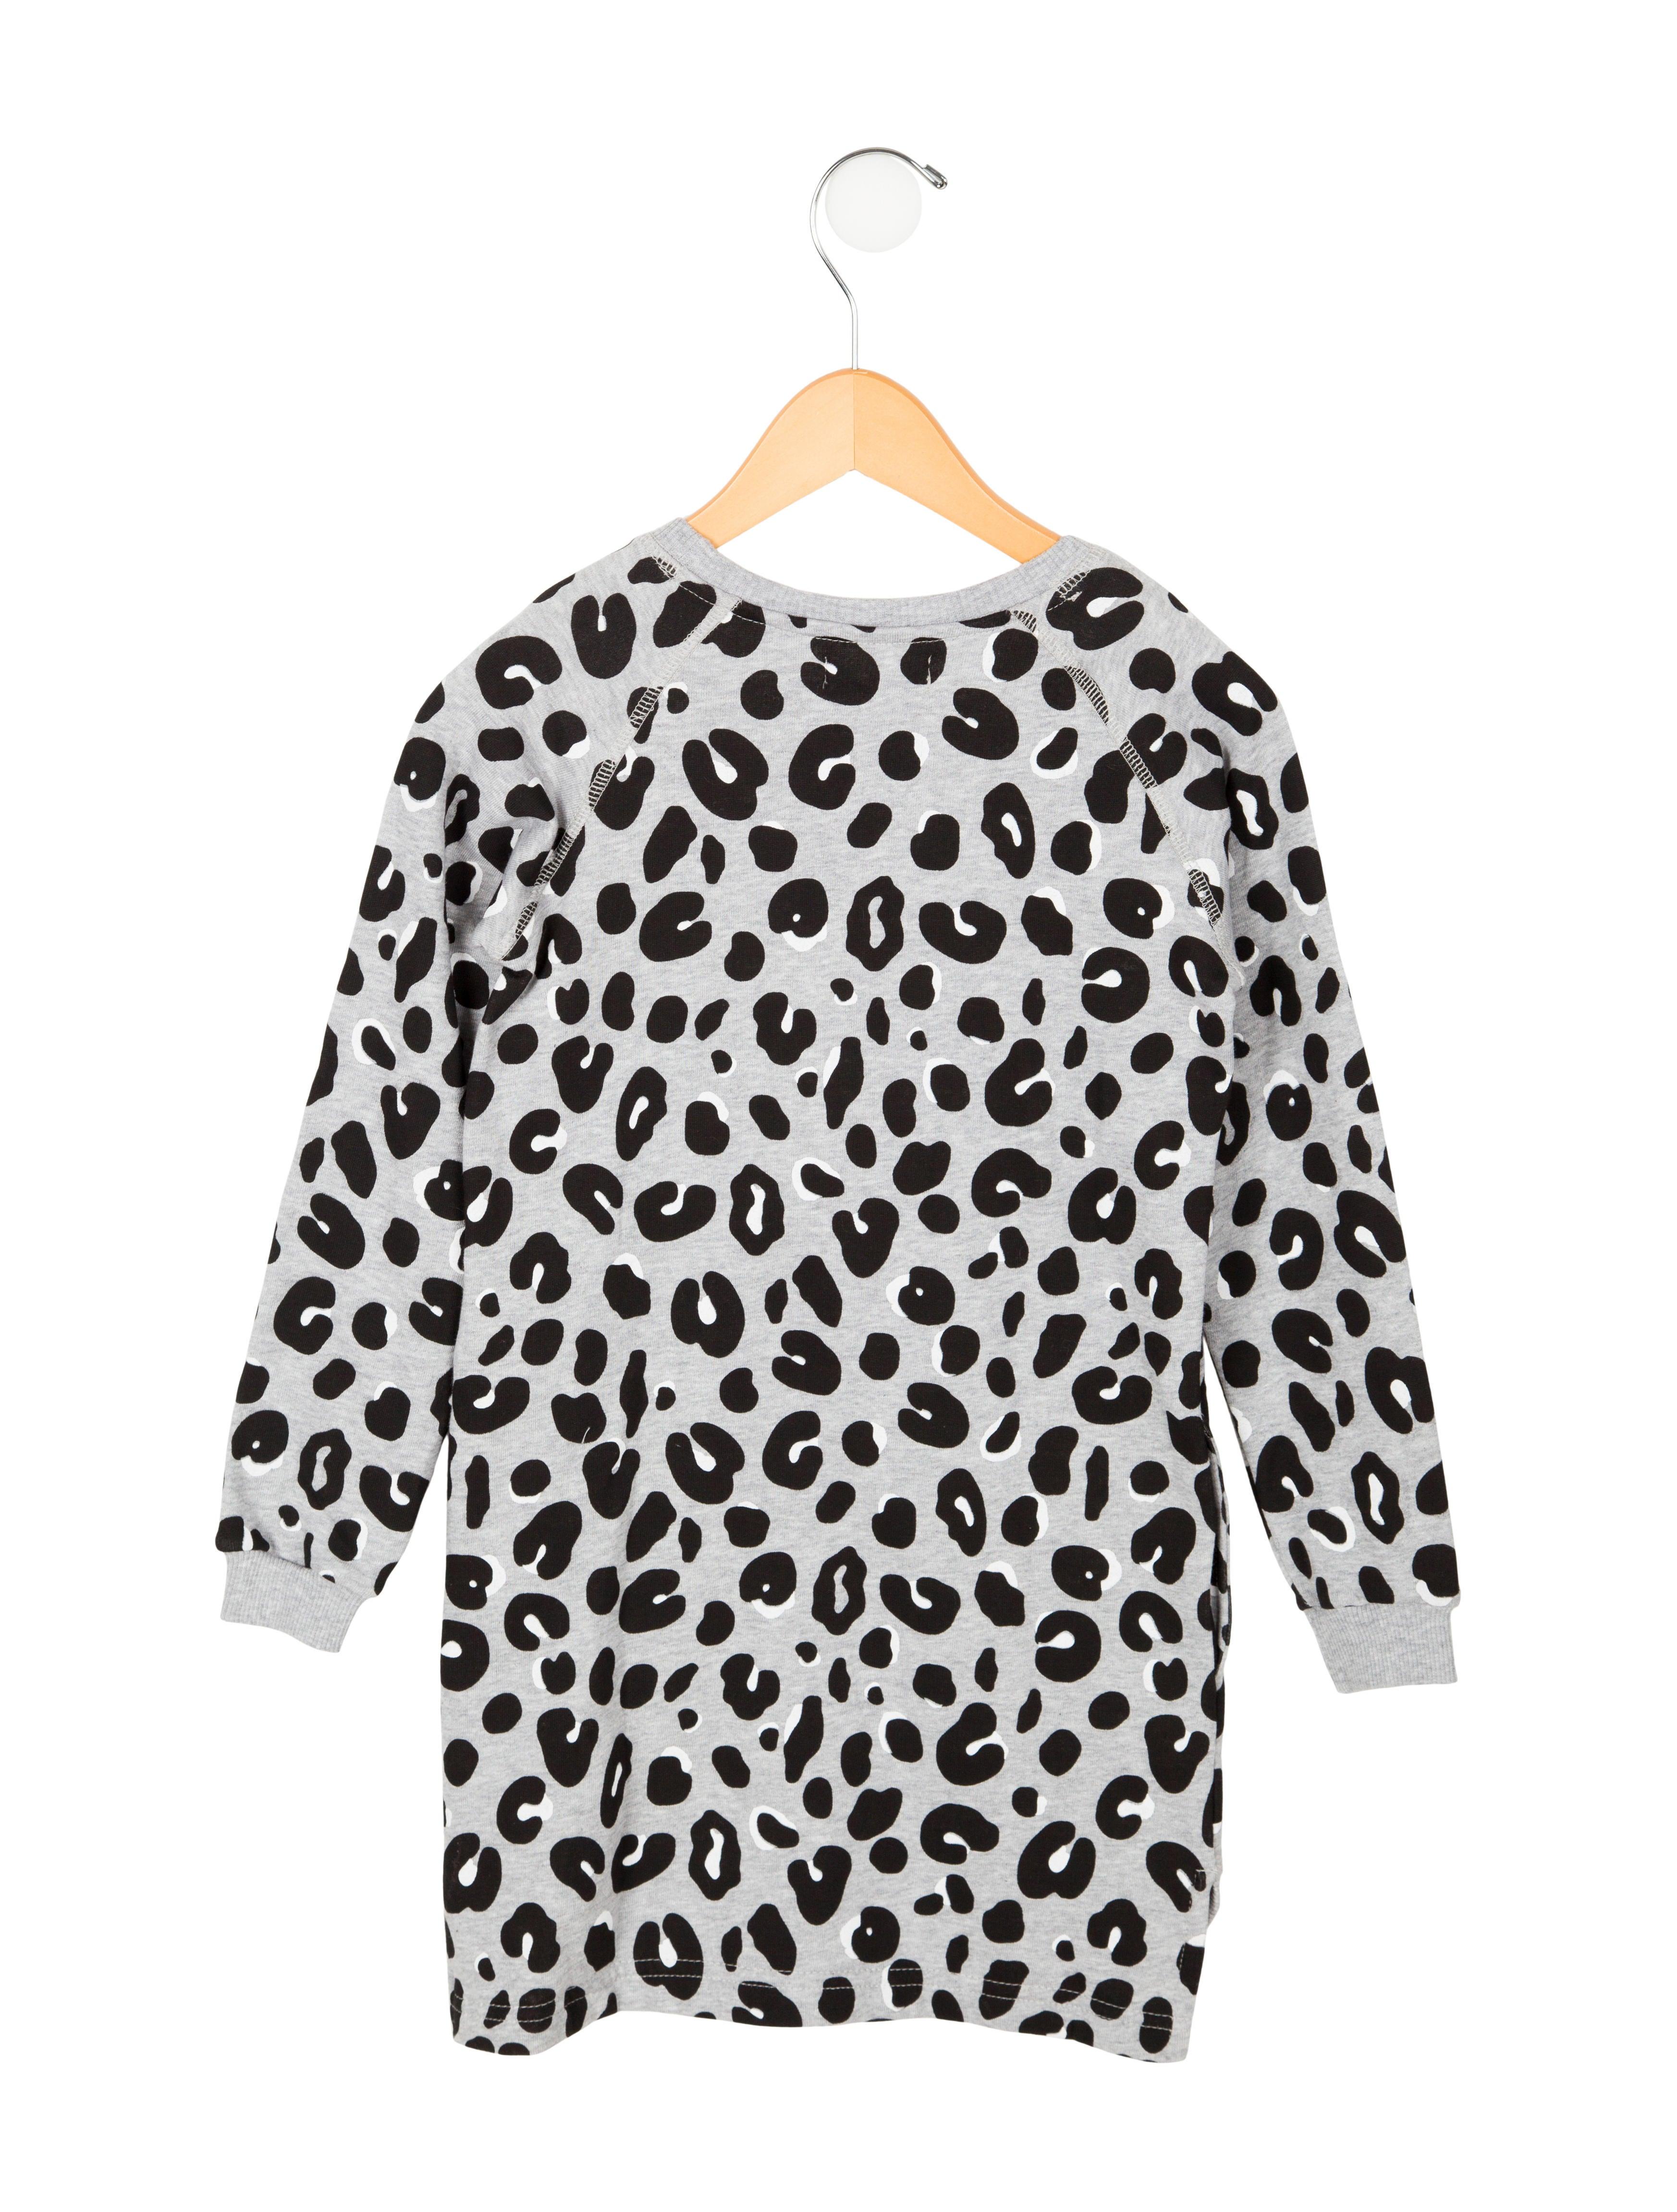 e48a463d897 Stella Mccartney Leopard Dress